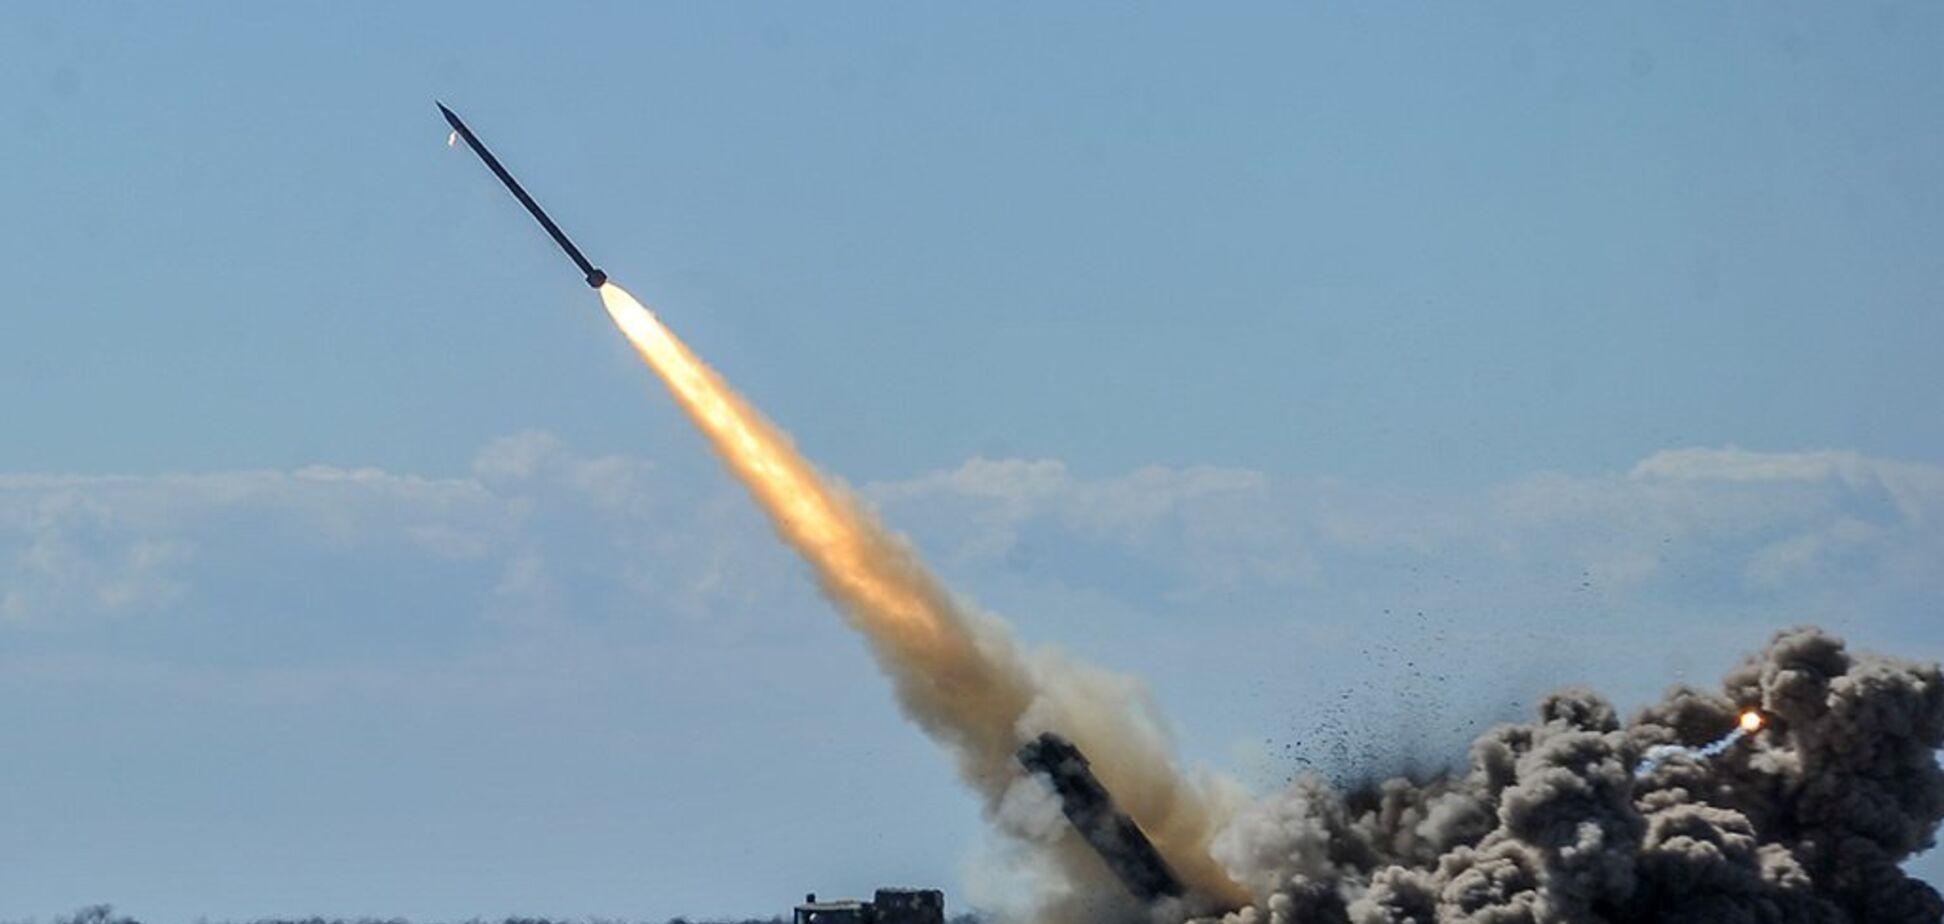 В Україні почалися випробування новітніх ракет 'Вільха': фото